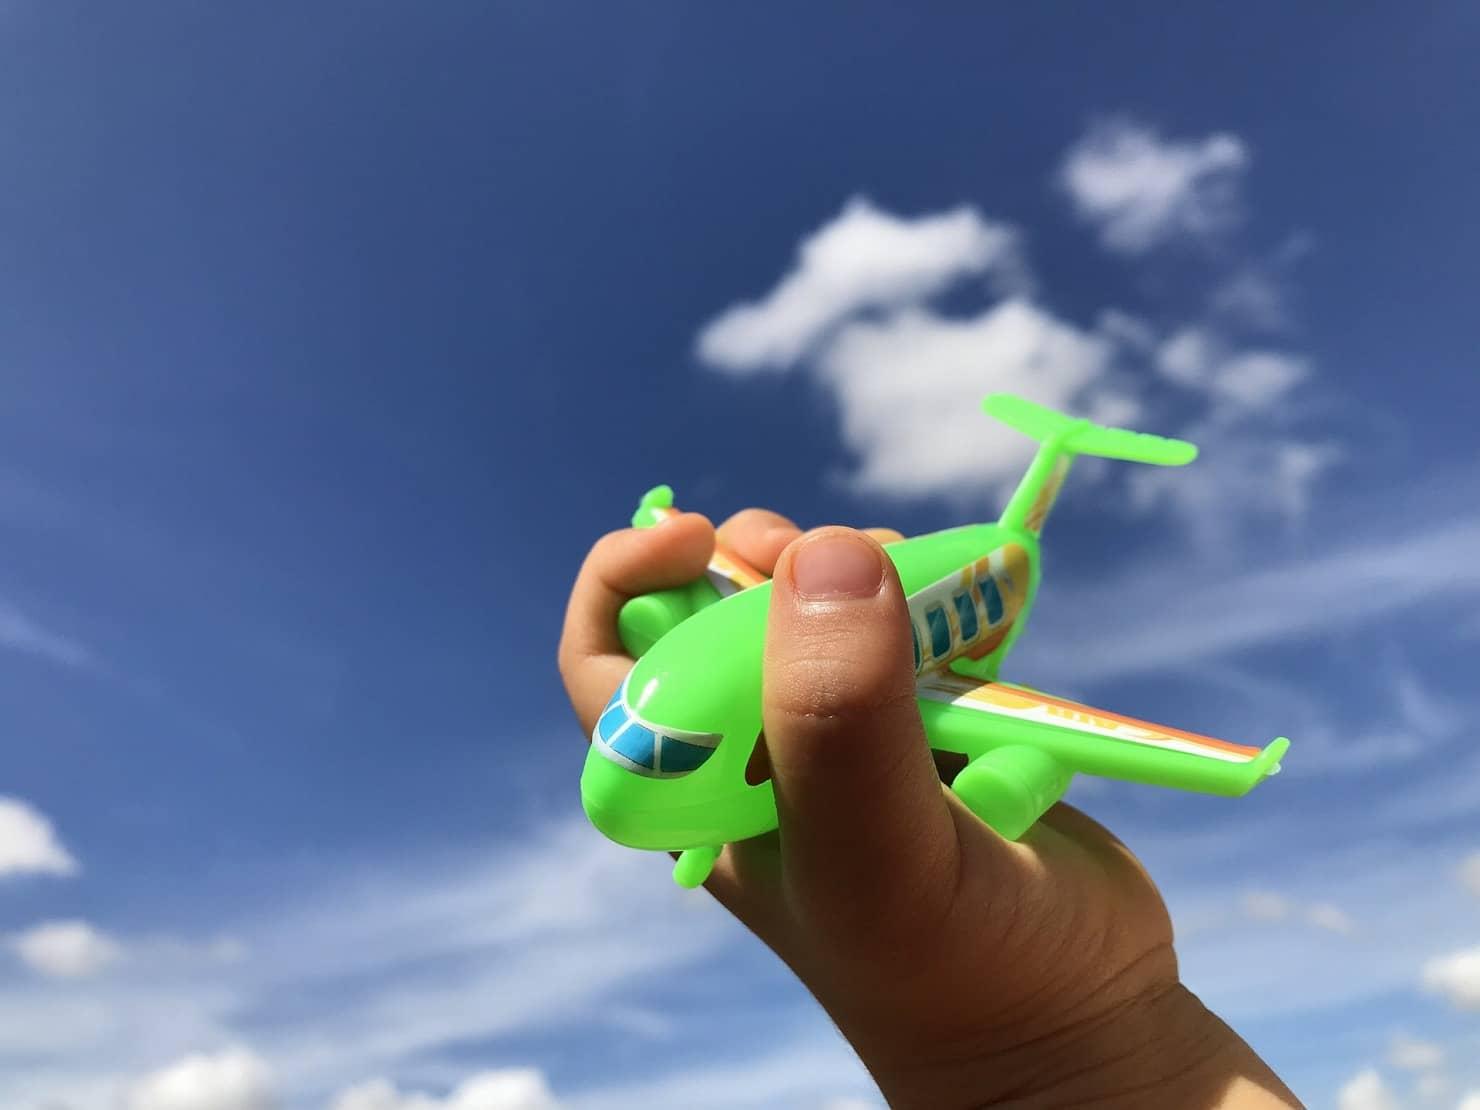 男の子に人気な飛行機のおもちゃの選び方! 木製や電池式、飛ばせるなど、おすすめ14選